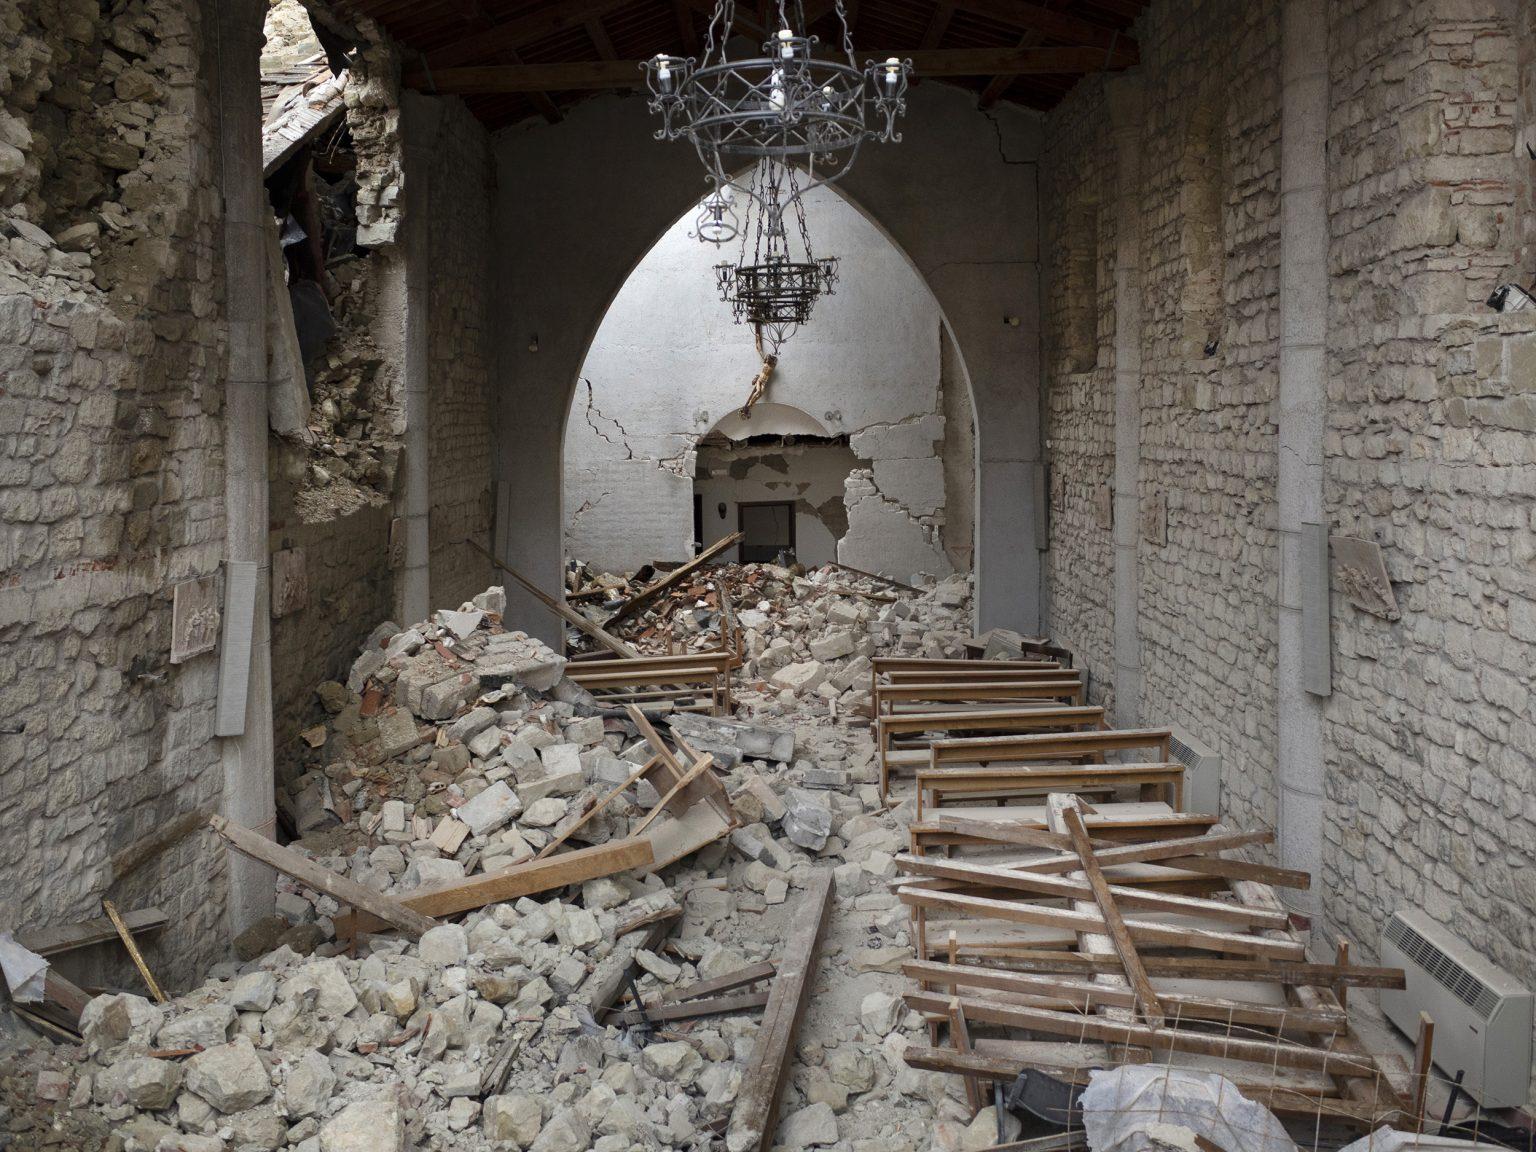 Accumoli, settembre 2016  La chiesa di San Francesco. Nel 2016 il campanile crollò su un edificio adiacente.